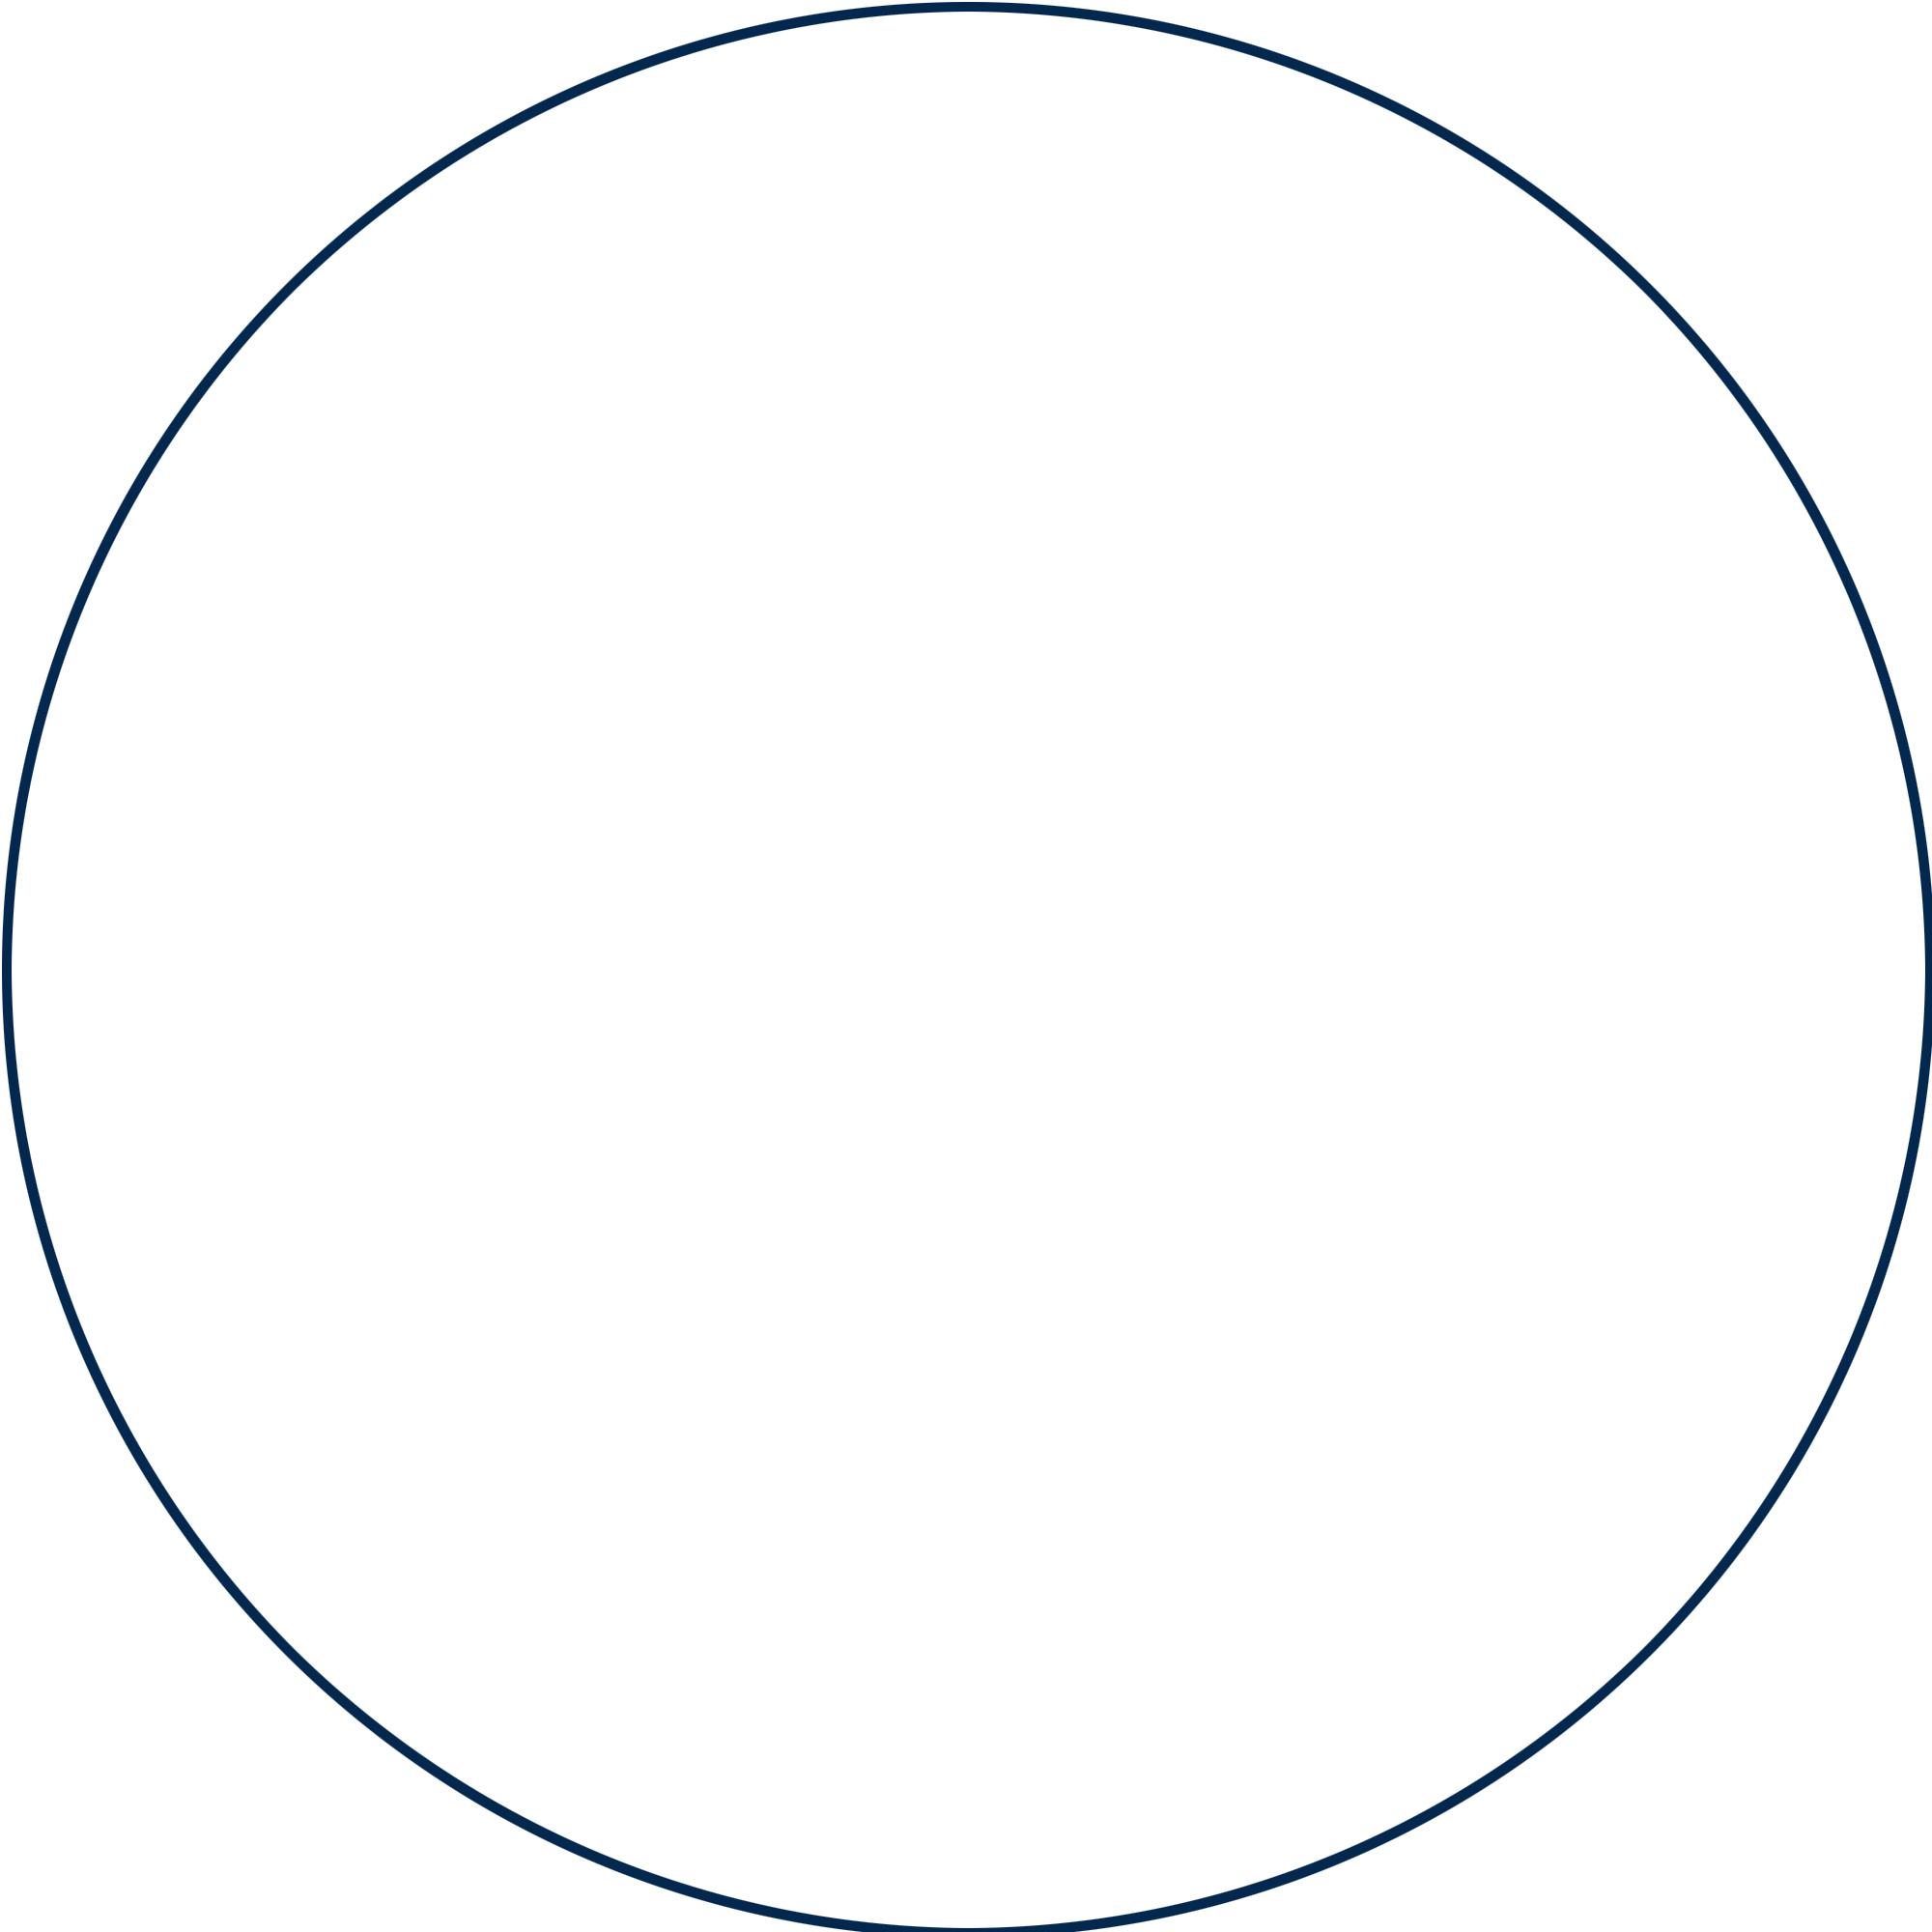 Как сделать белую обводку вокруг объекта? - Форум сайта фотошоп-мастер